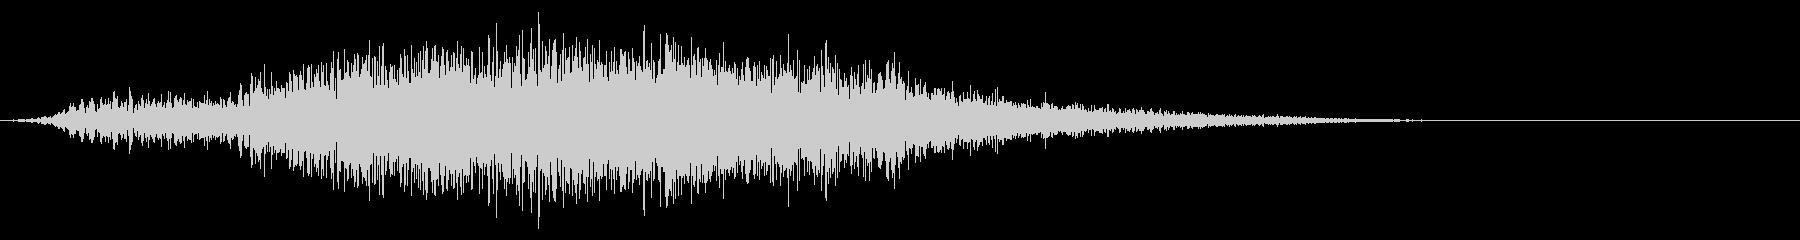 インパクトのあるタイトルロゴにの未再生の波形